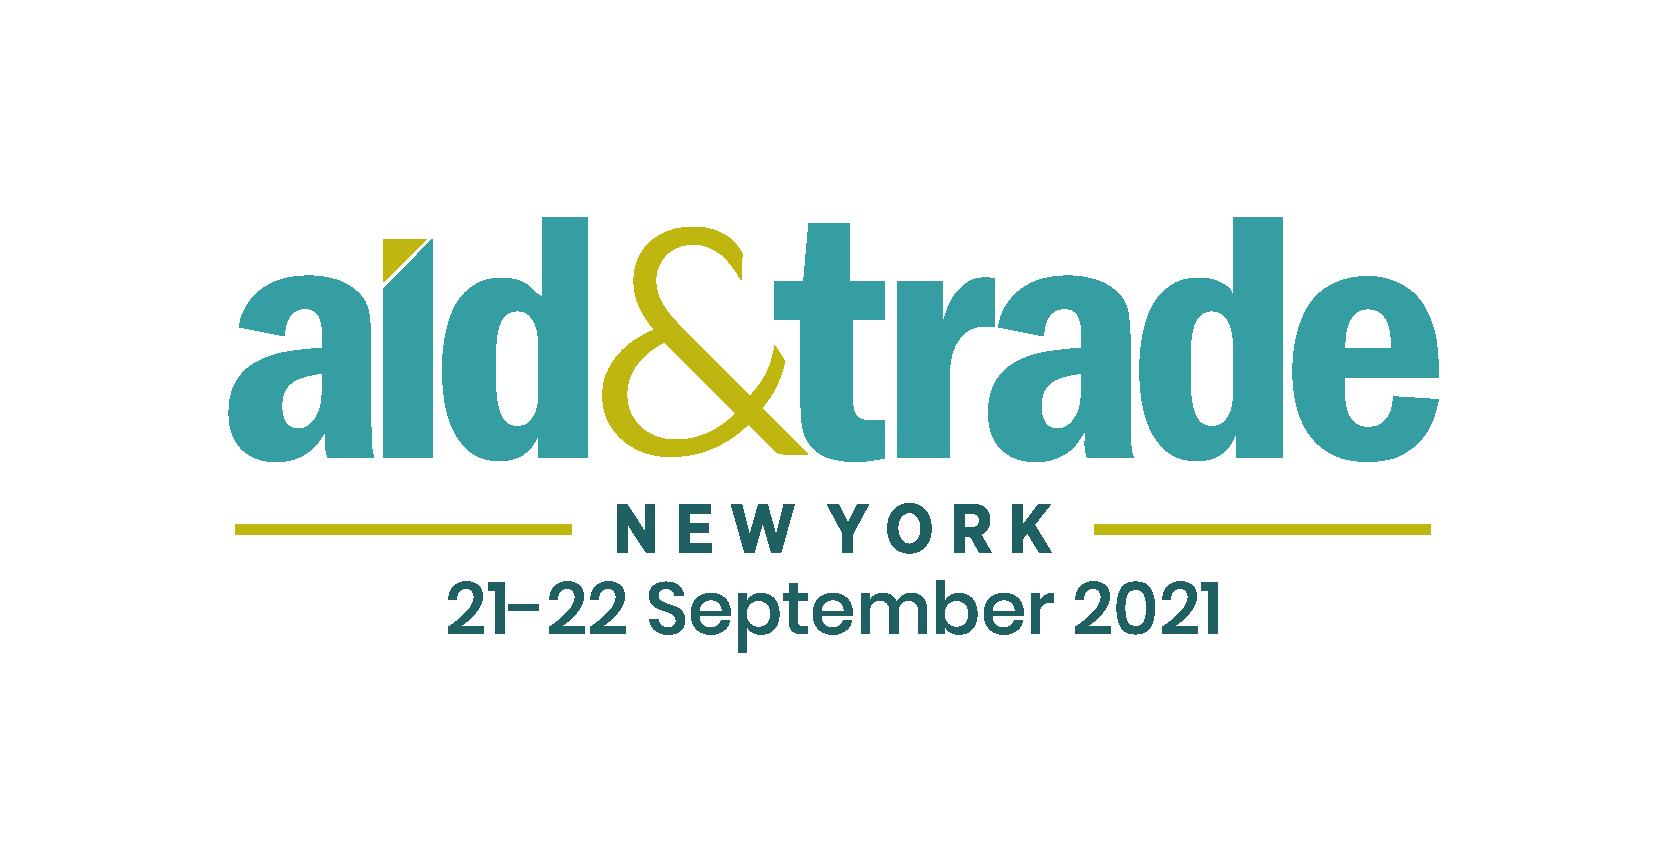 aid&trade ny